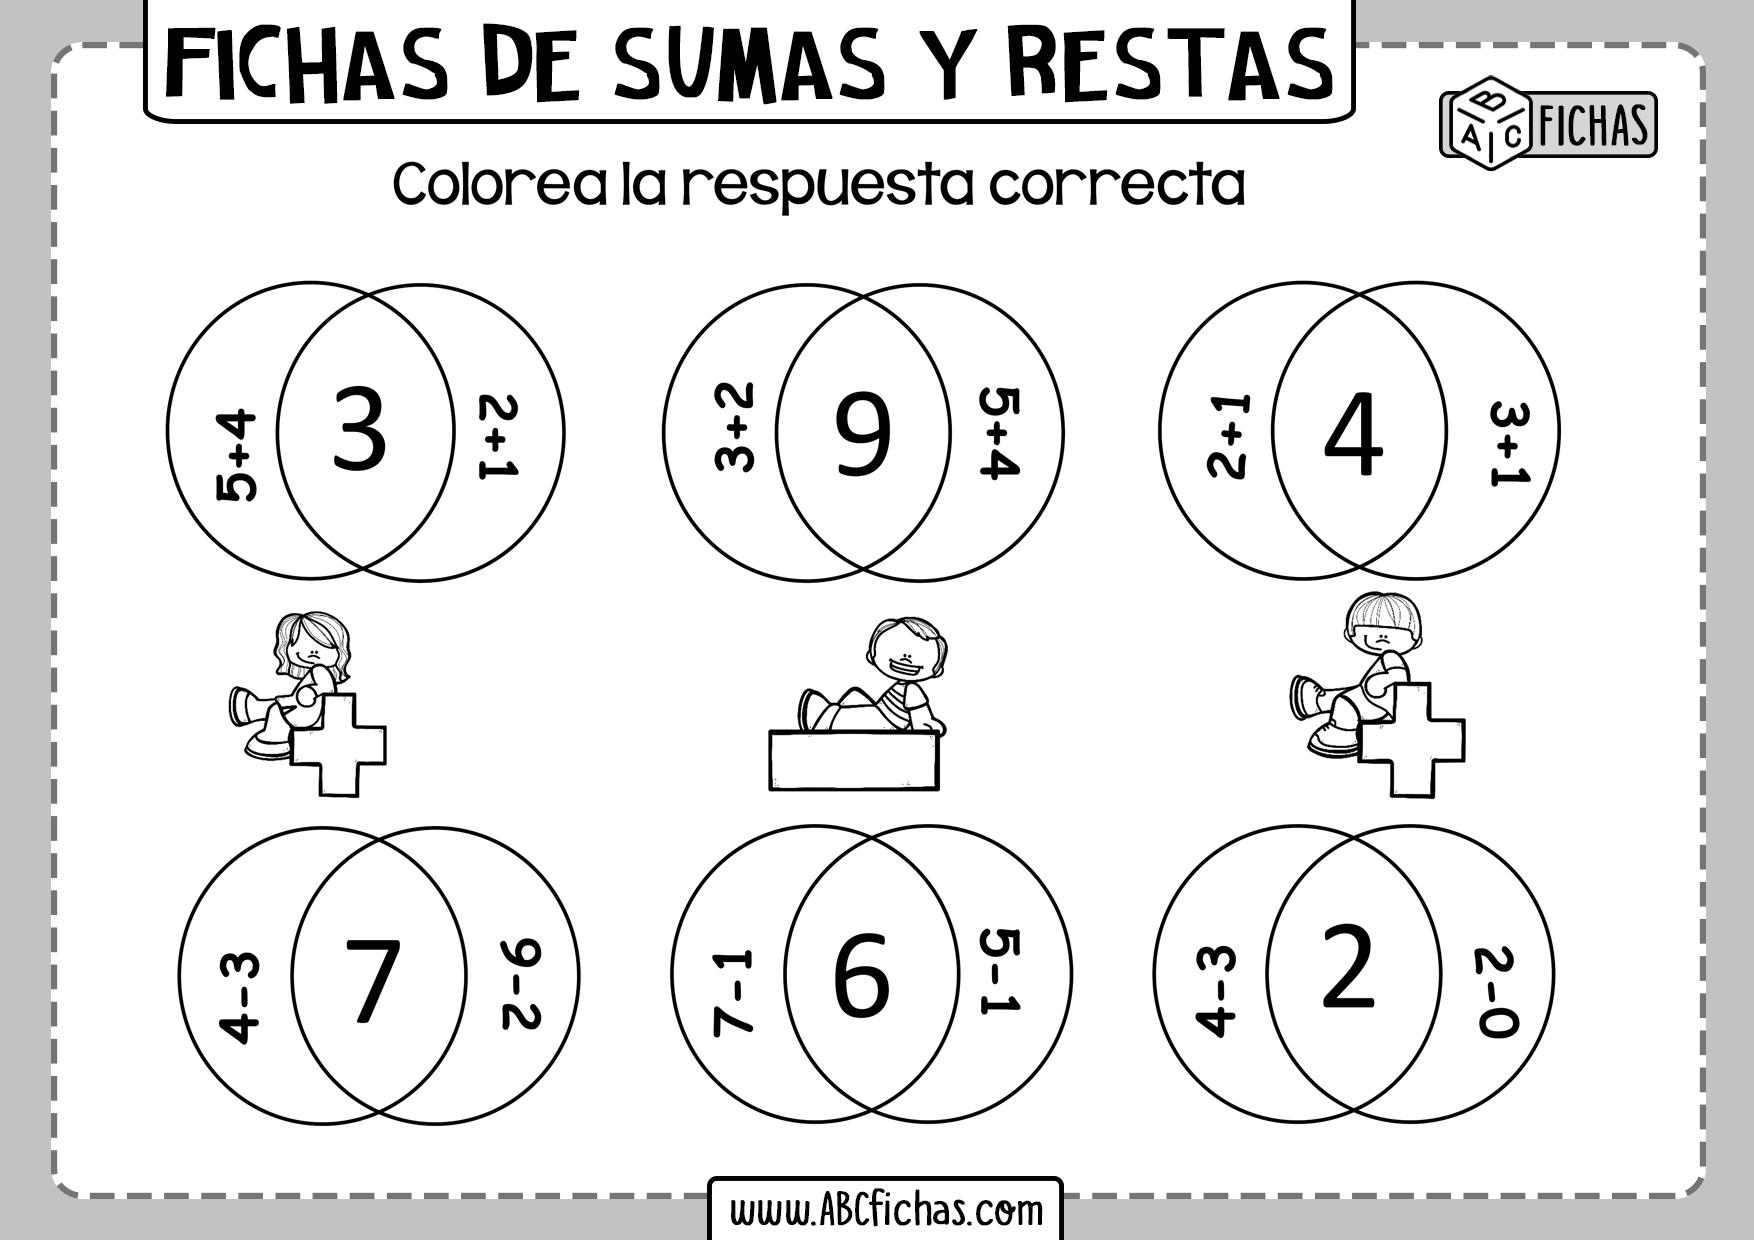 Fichas de sumas y restas para niños